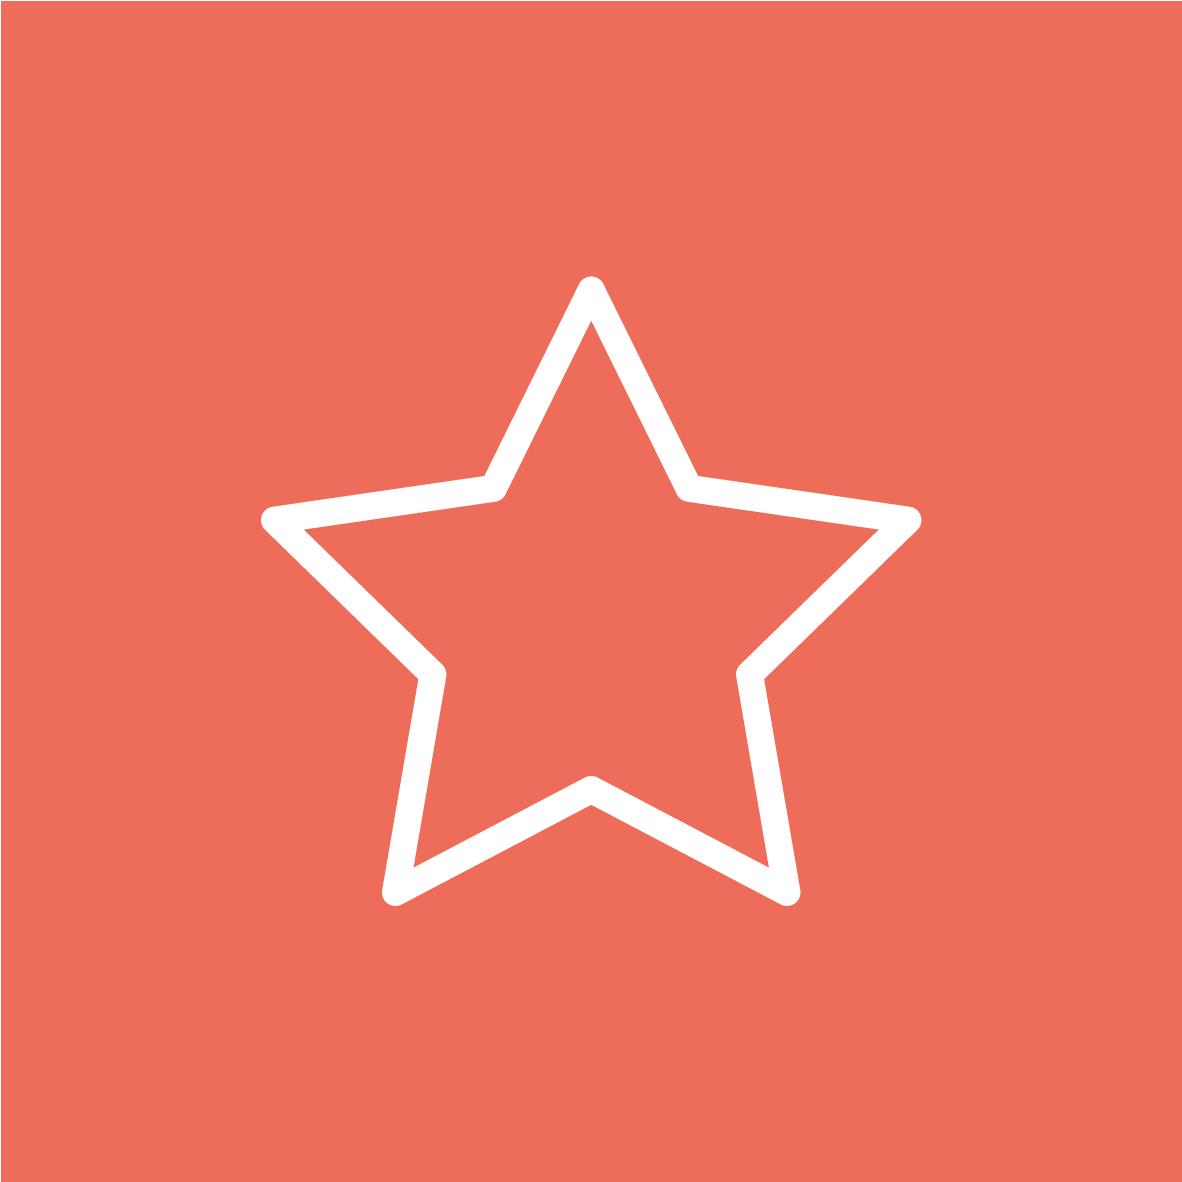 logos_small7.png